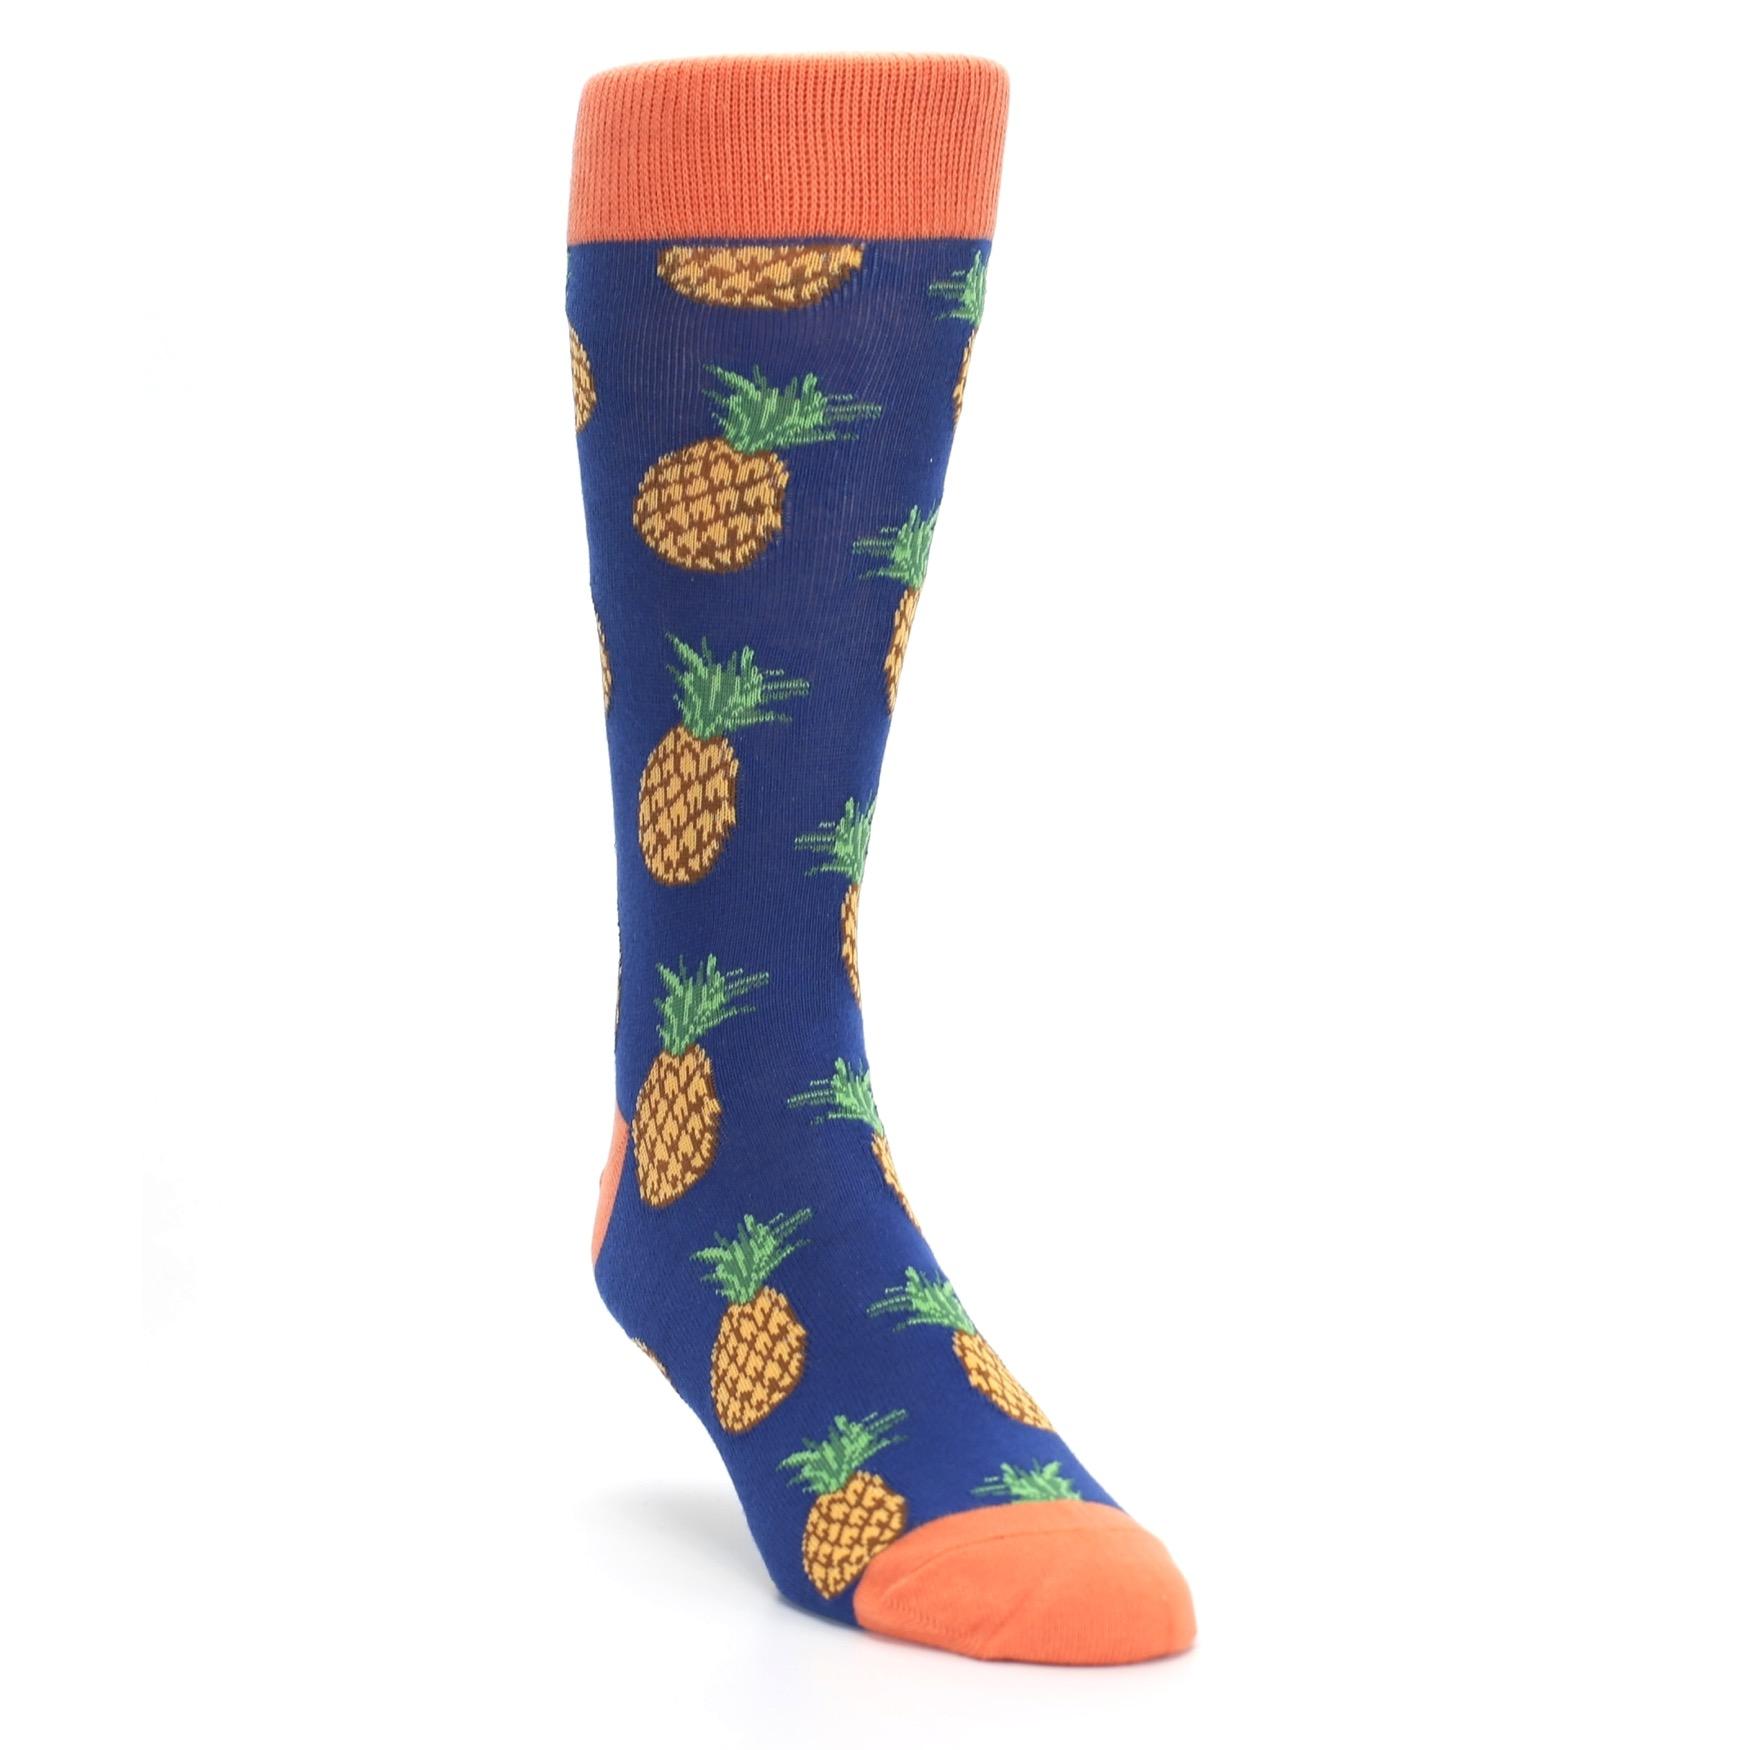 Lemon Socks  Fruit Socks  Men Gift  Women Gift  Unisex Socks